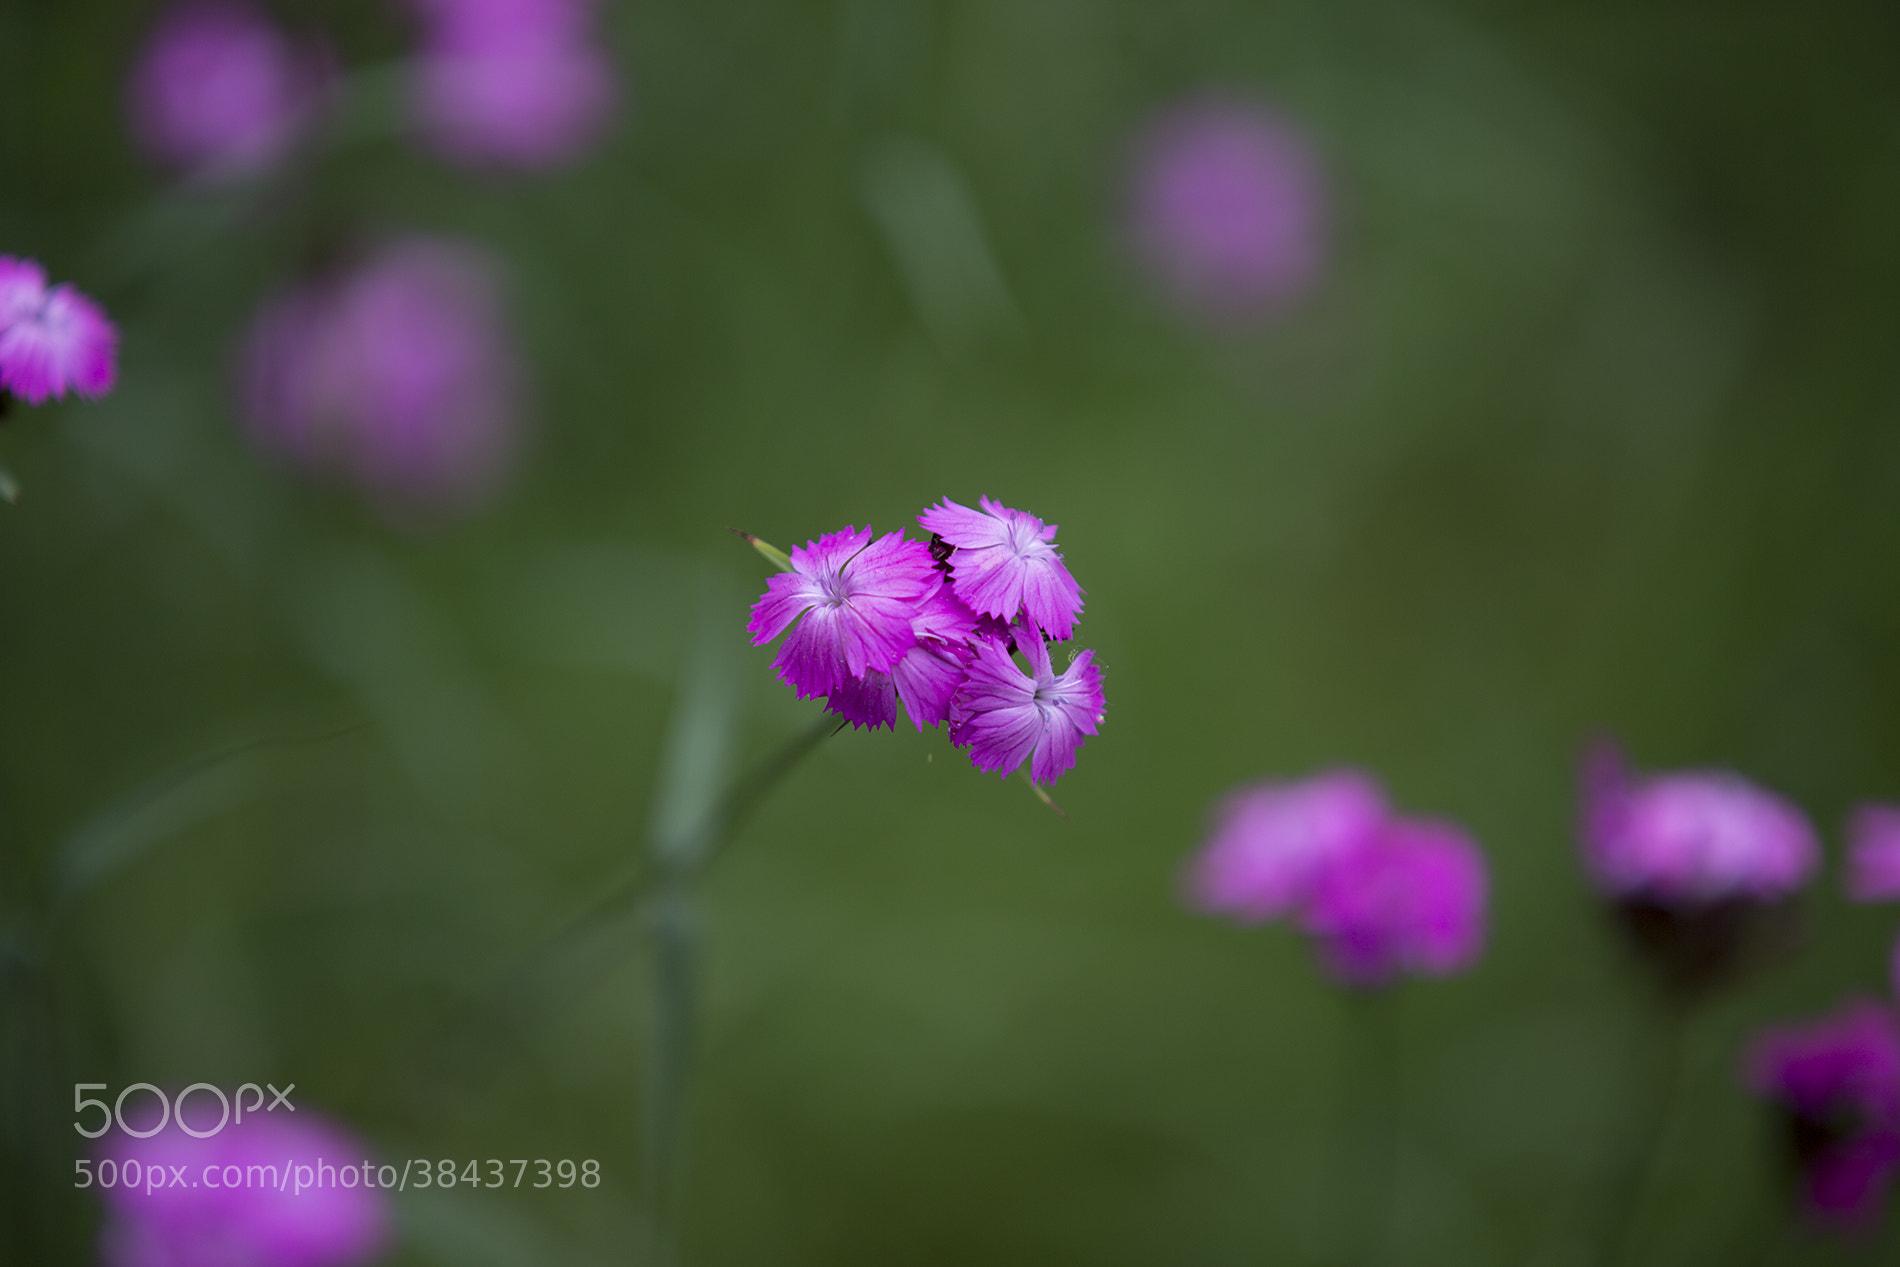 Photograph flower by Thomas Kindmann on 500px